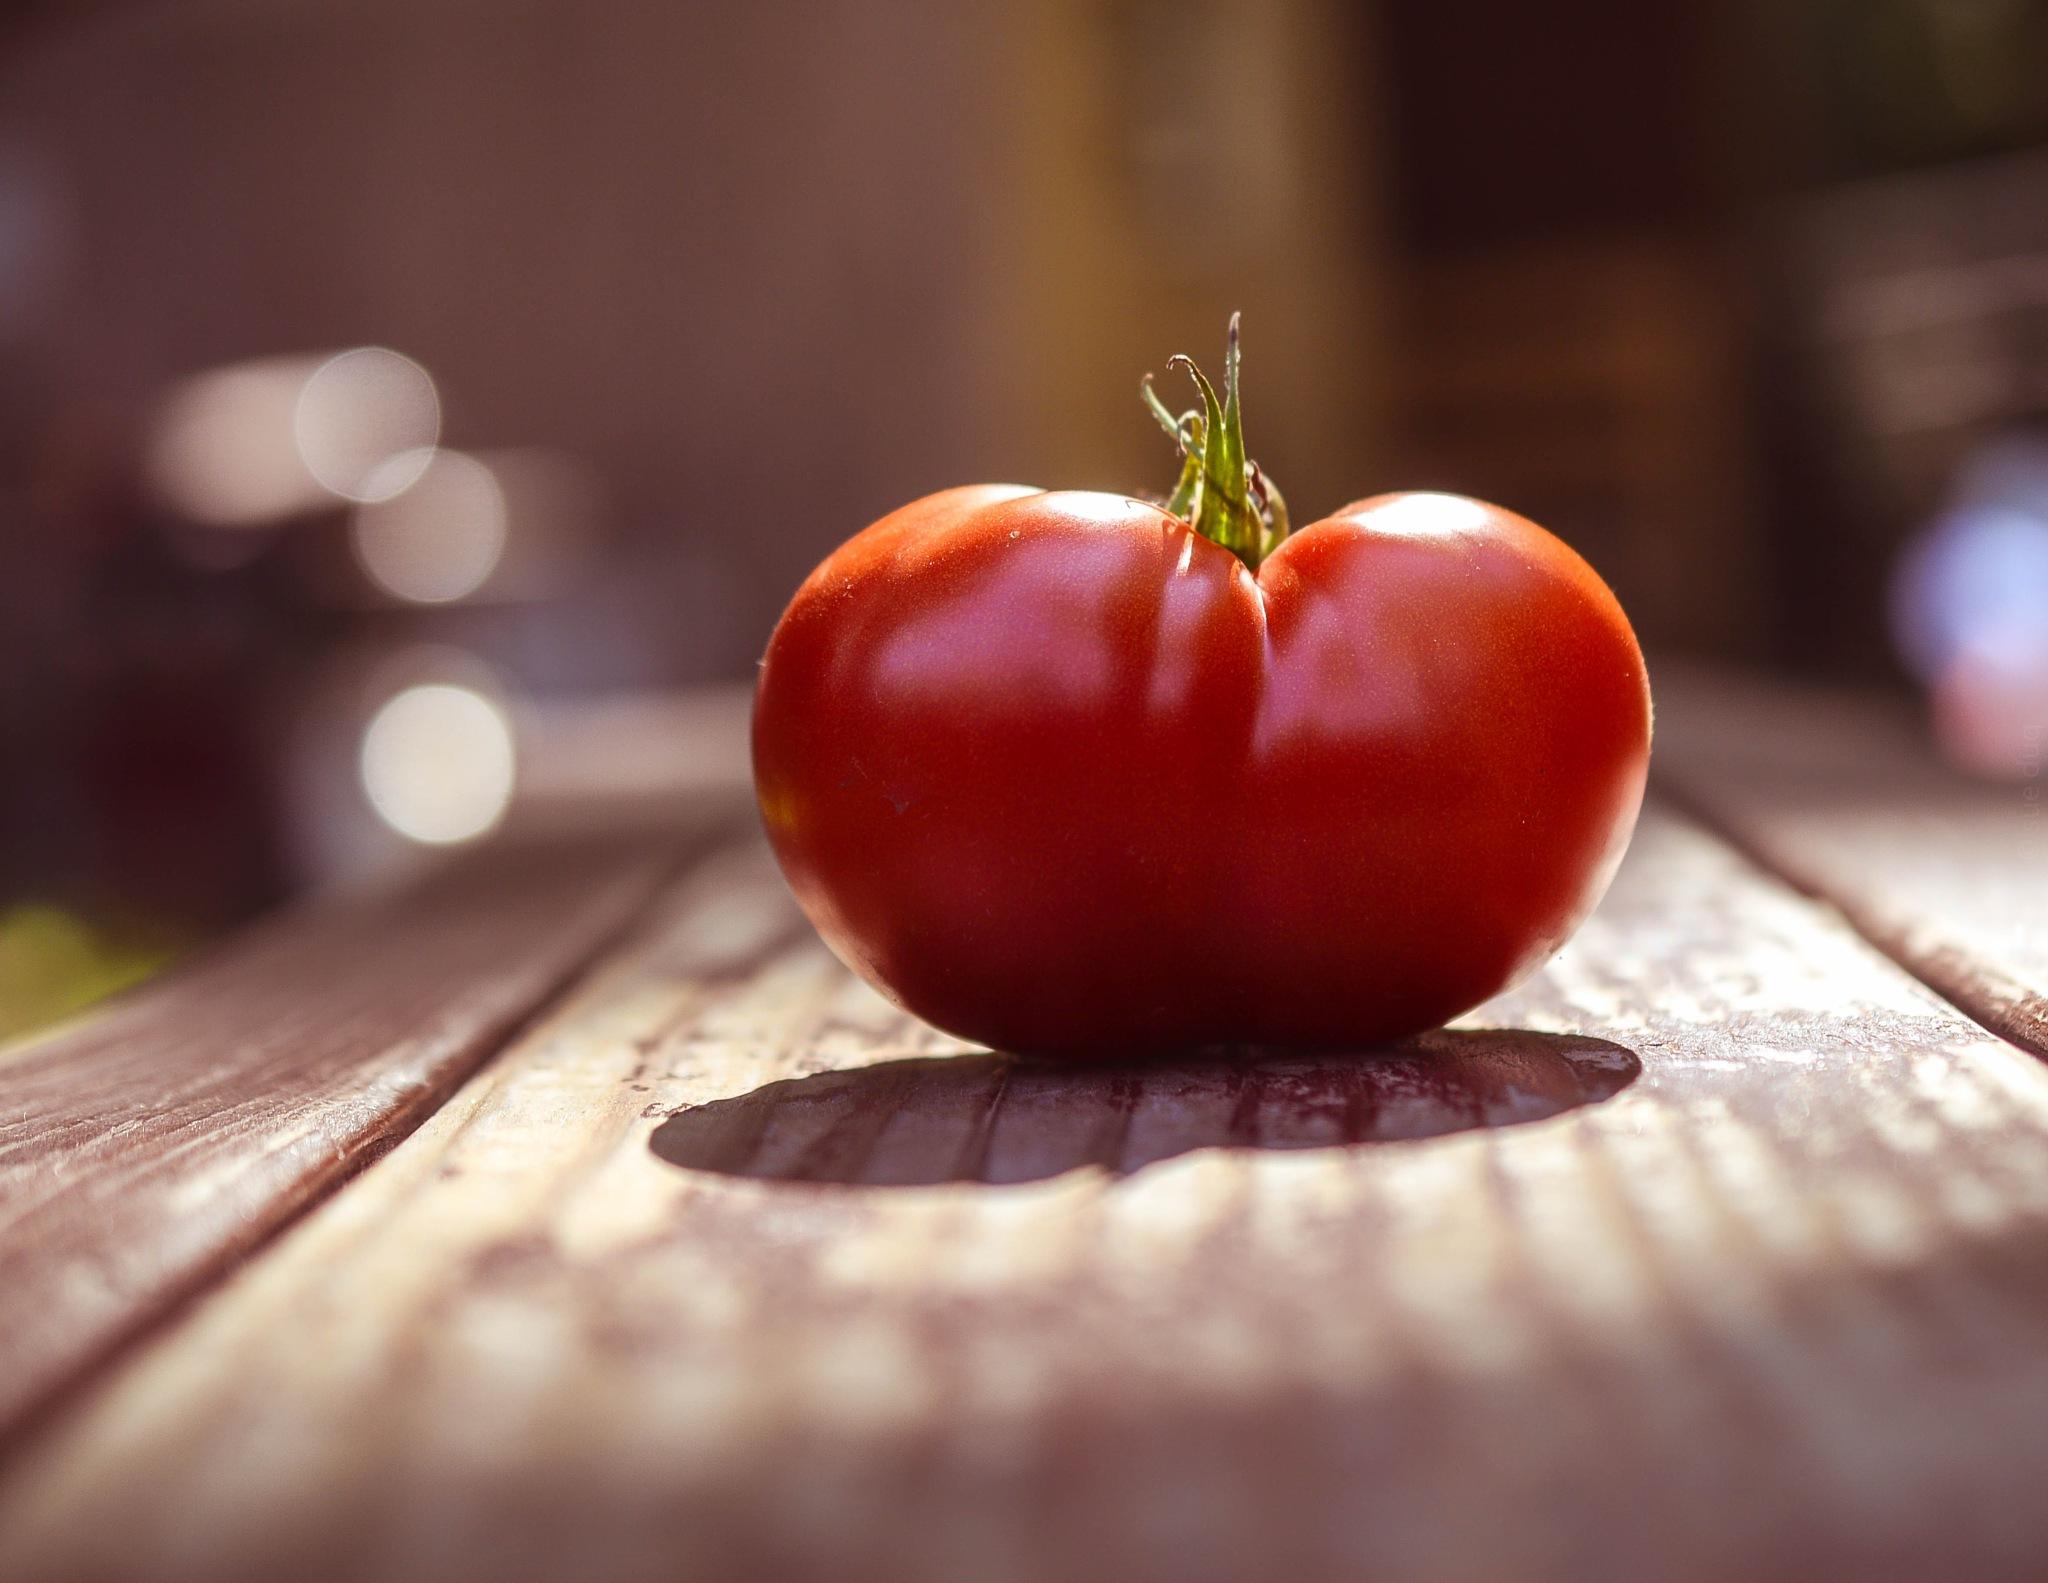 Tomato by sue_duq